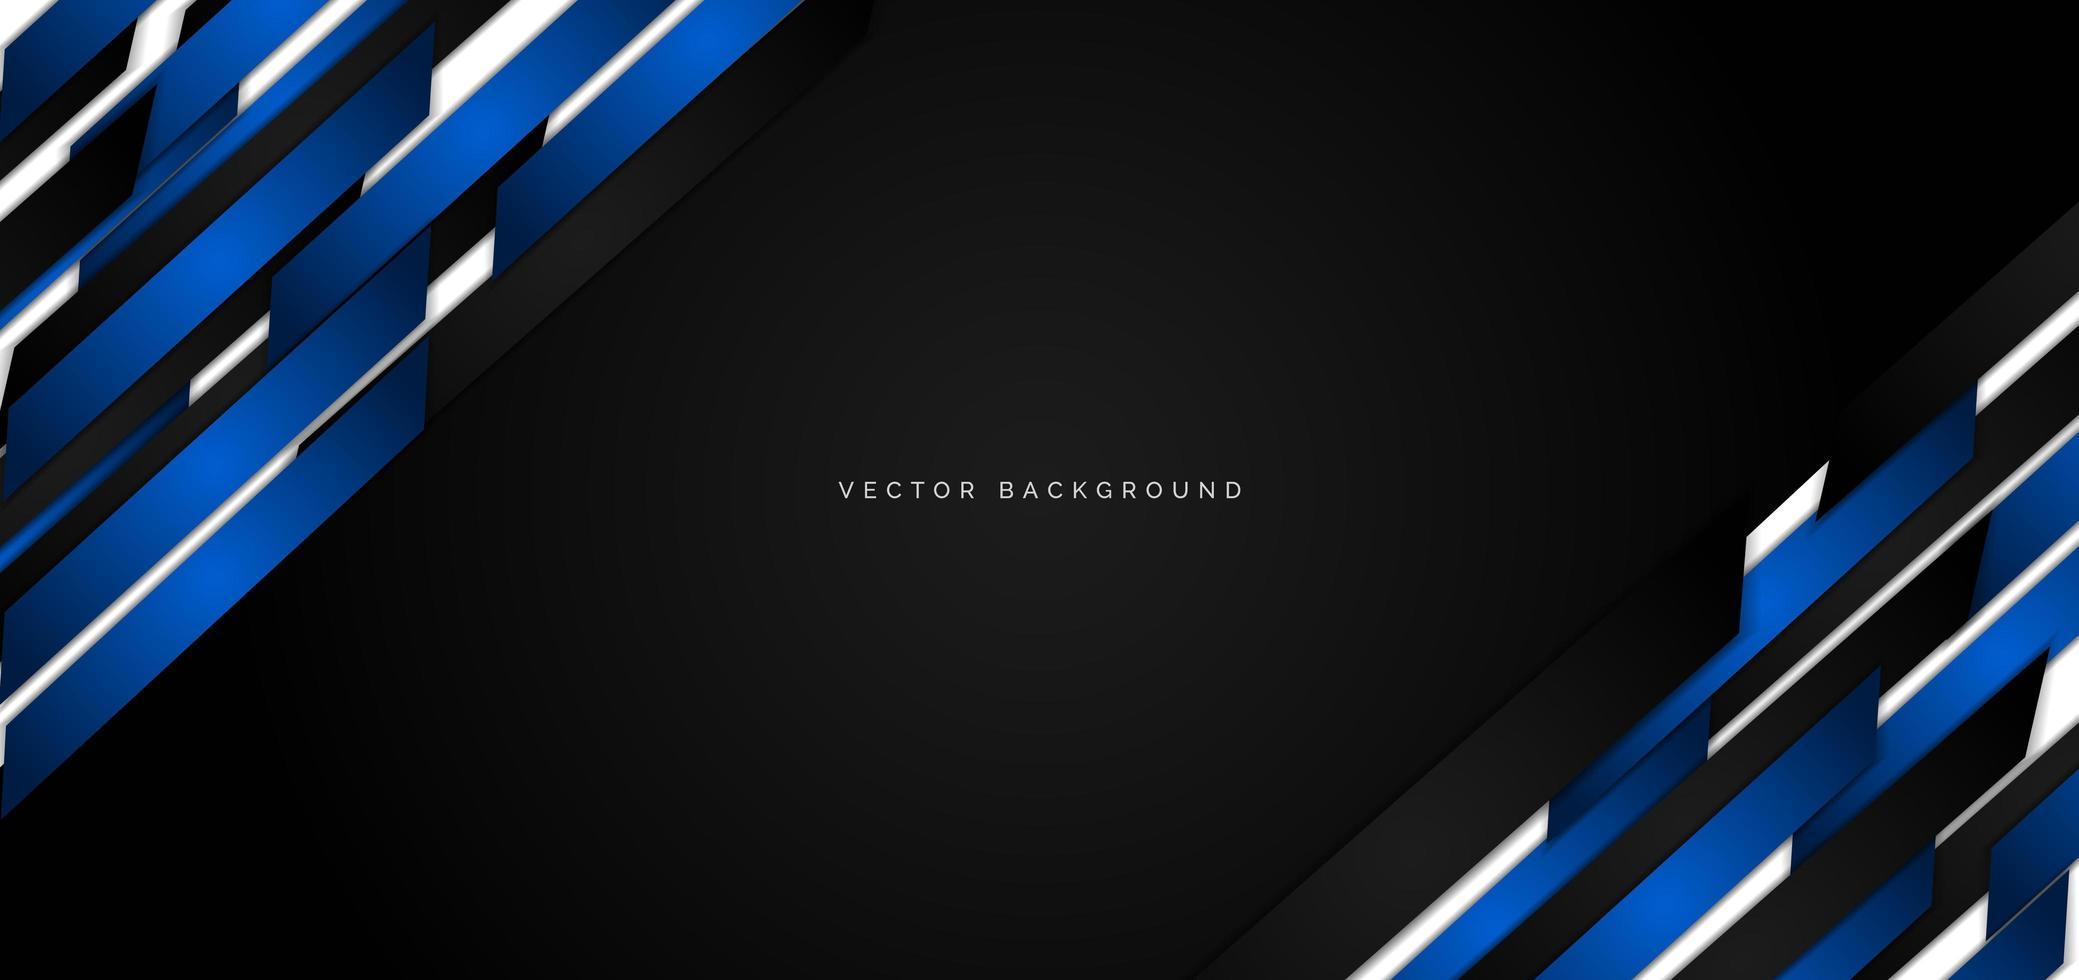 web design astratto banner aziendale vettore